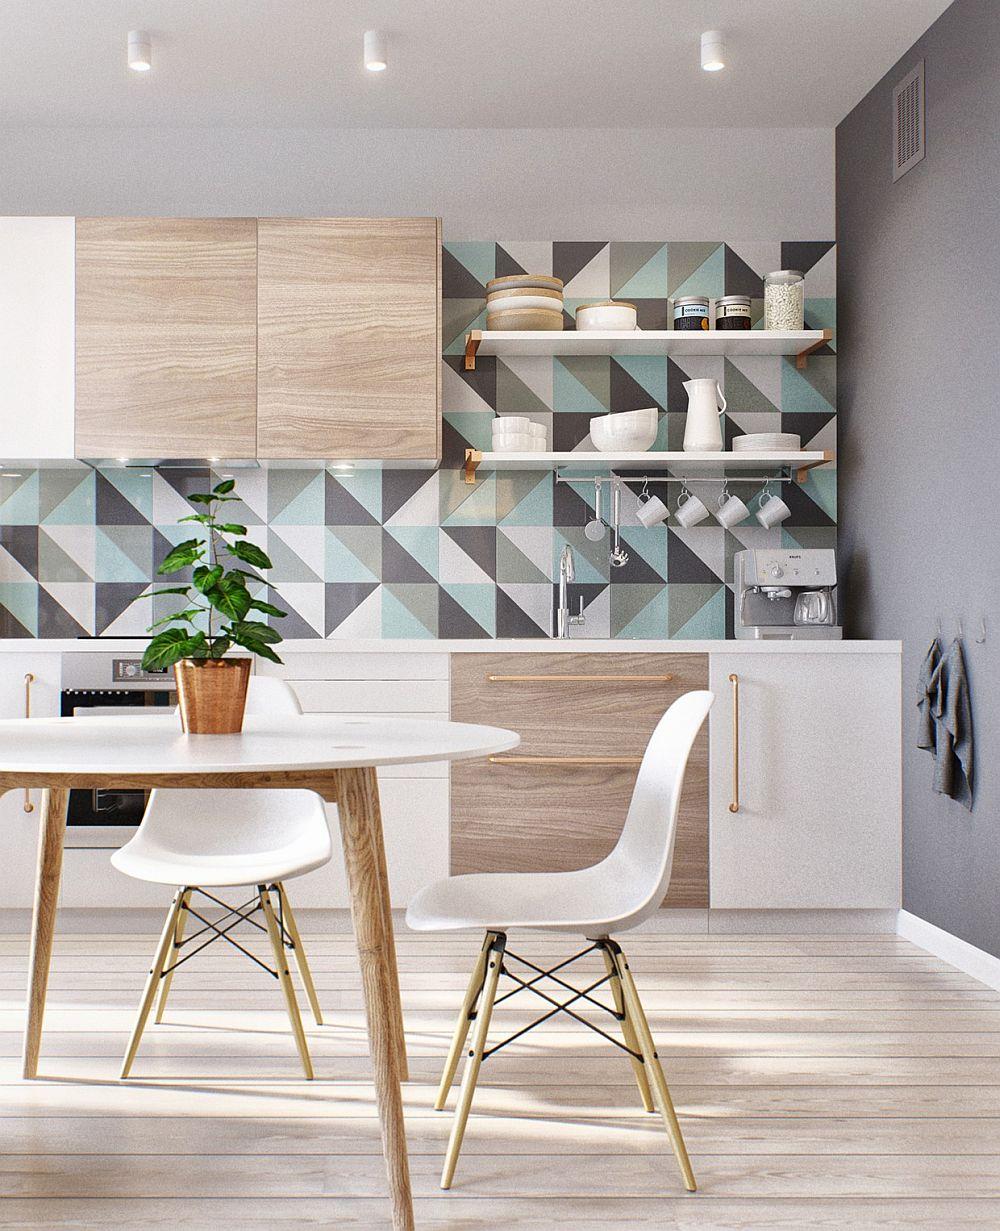 Скандинавский стиль в интерьере кухни - Фото 18